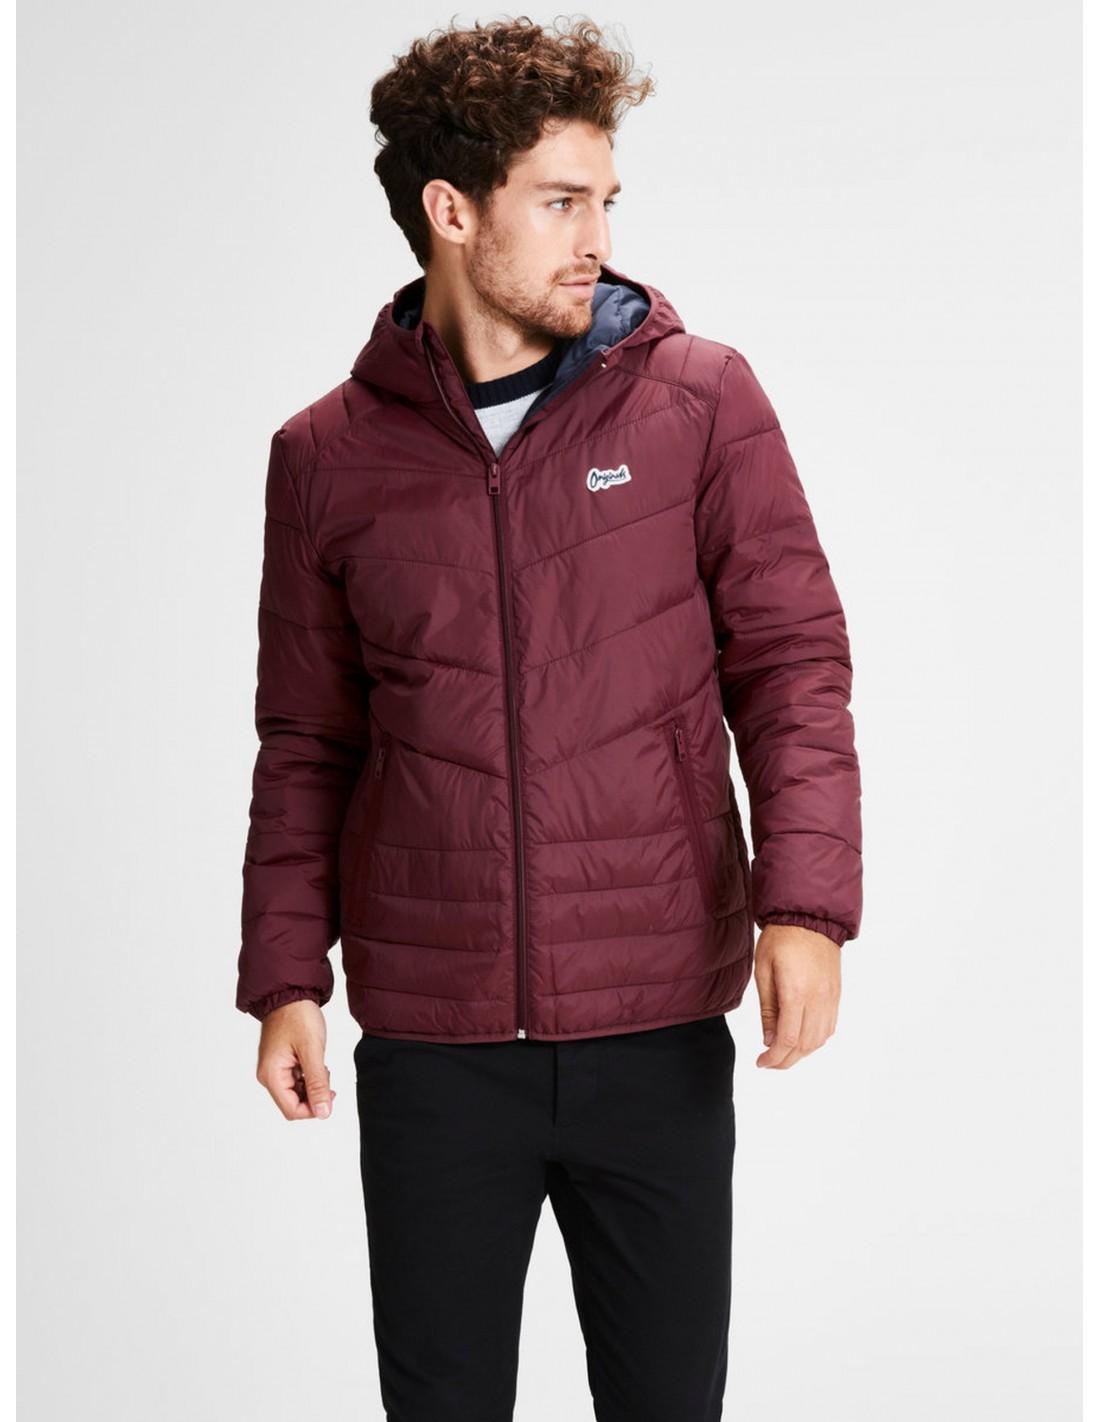 5923205faac chaqueta-acolchada-con-capucha-jack-and-jones-en-color-burdeos-port-royale.jpg